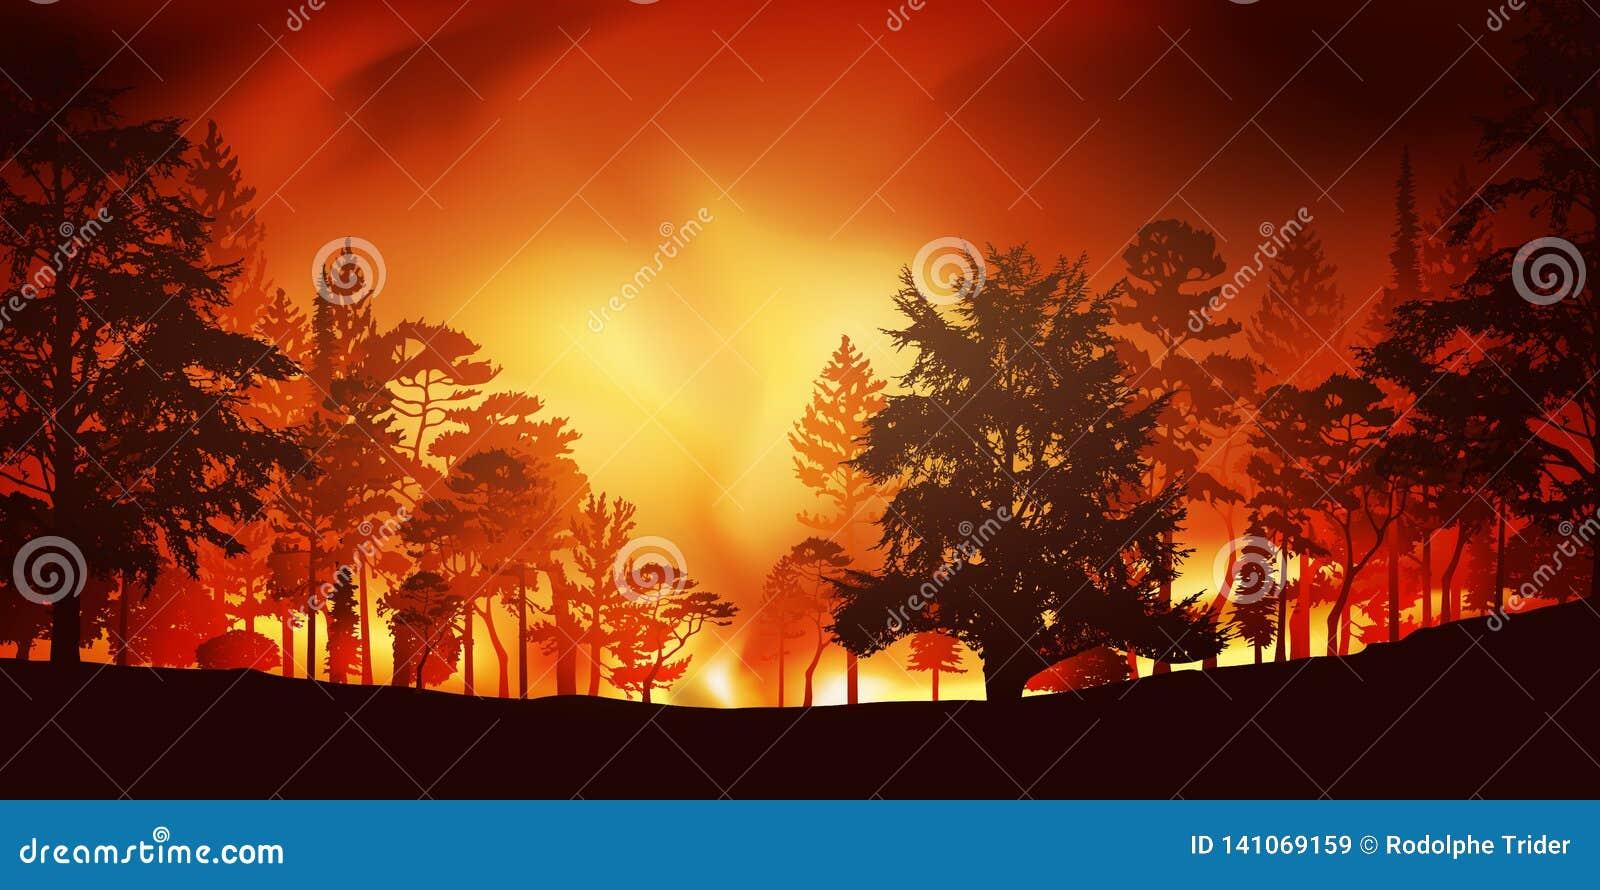 Desastre ecológico con un incendio forestal